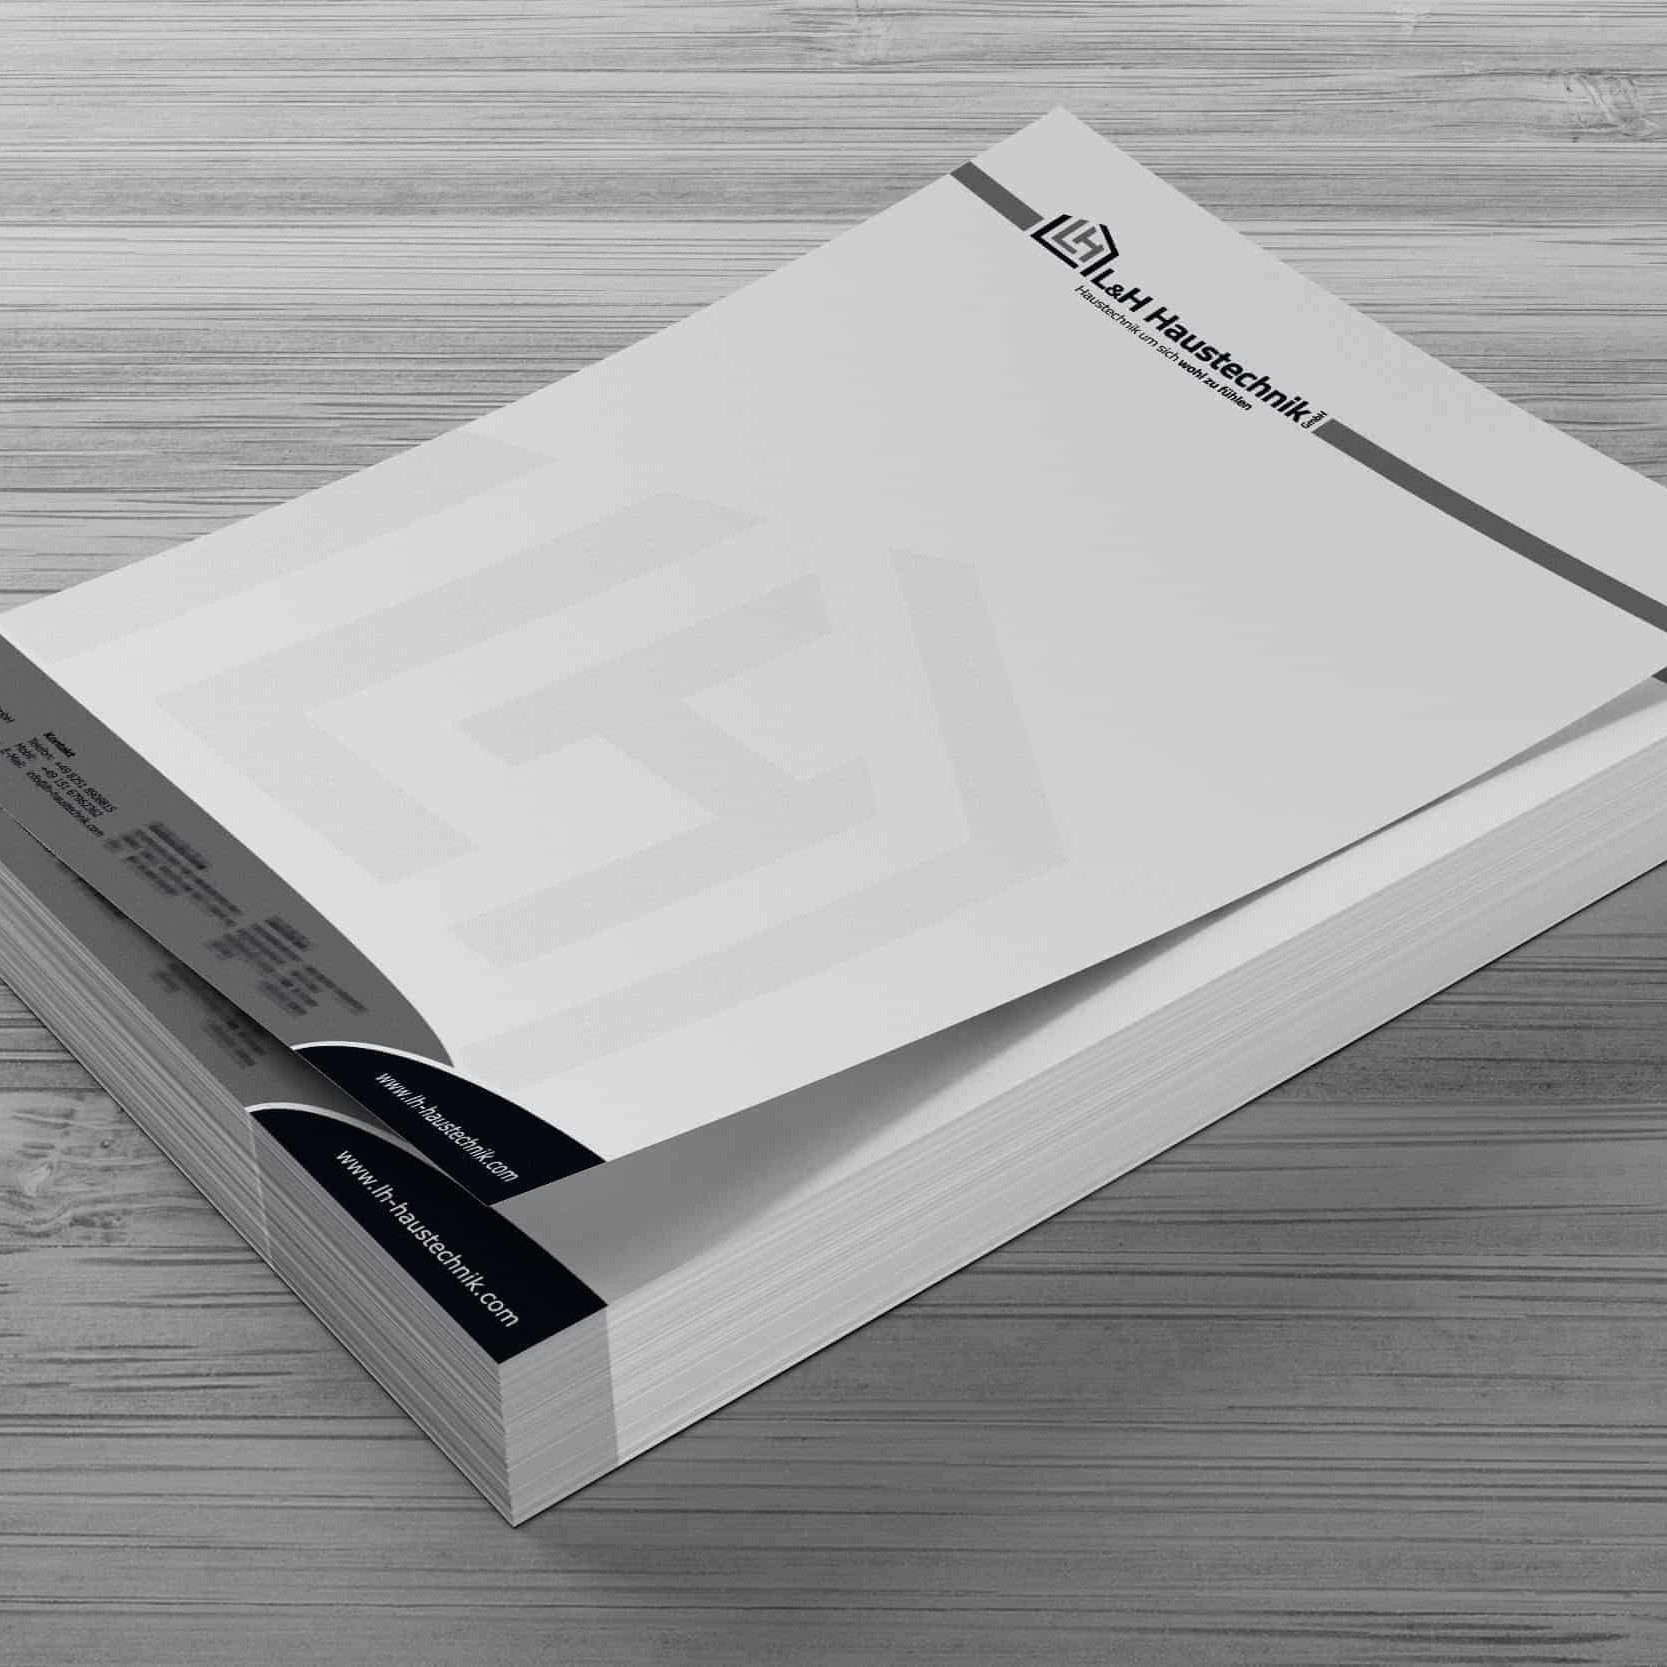 Briefpapier L&H Haustechnik GmbH